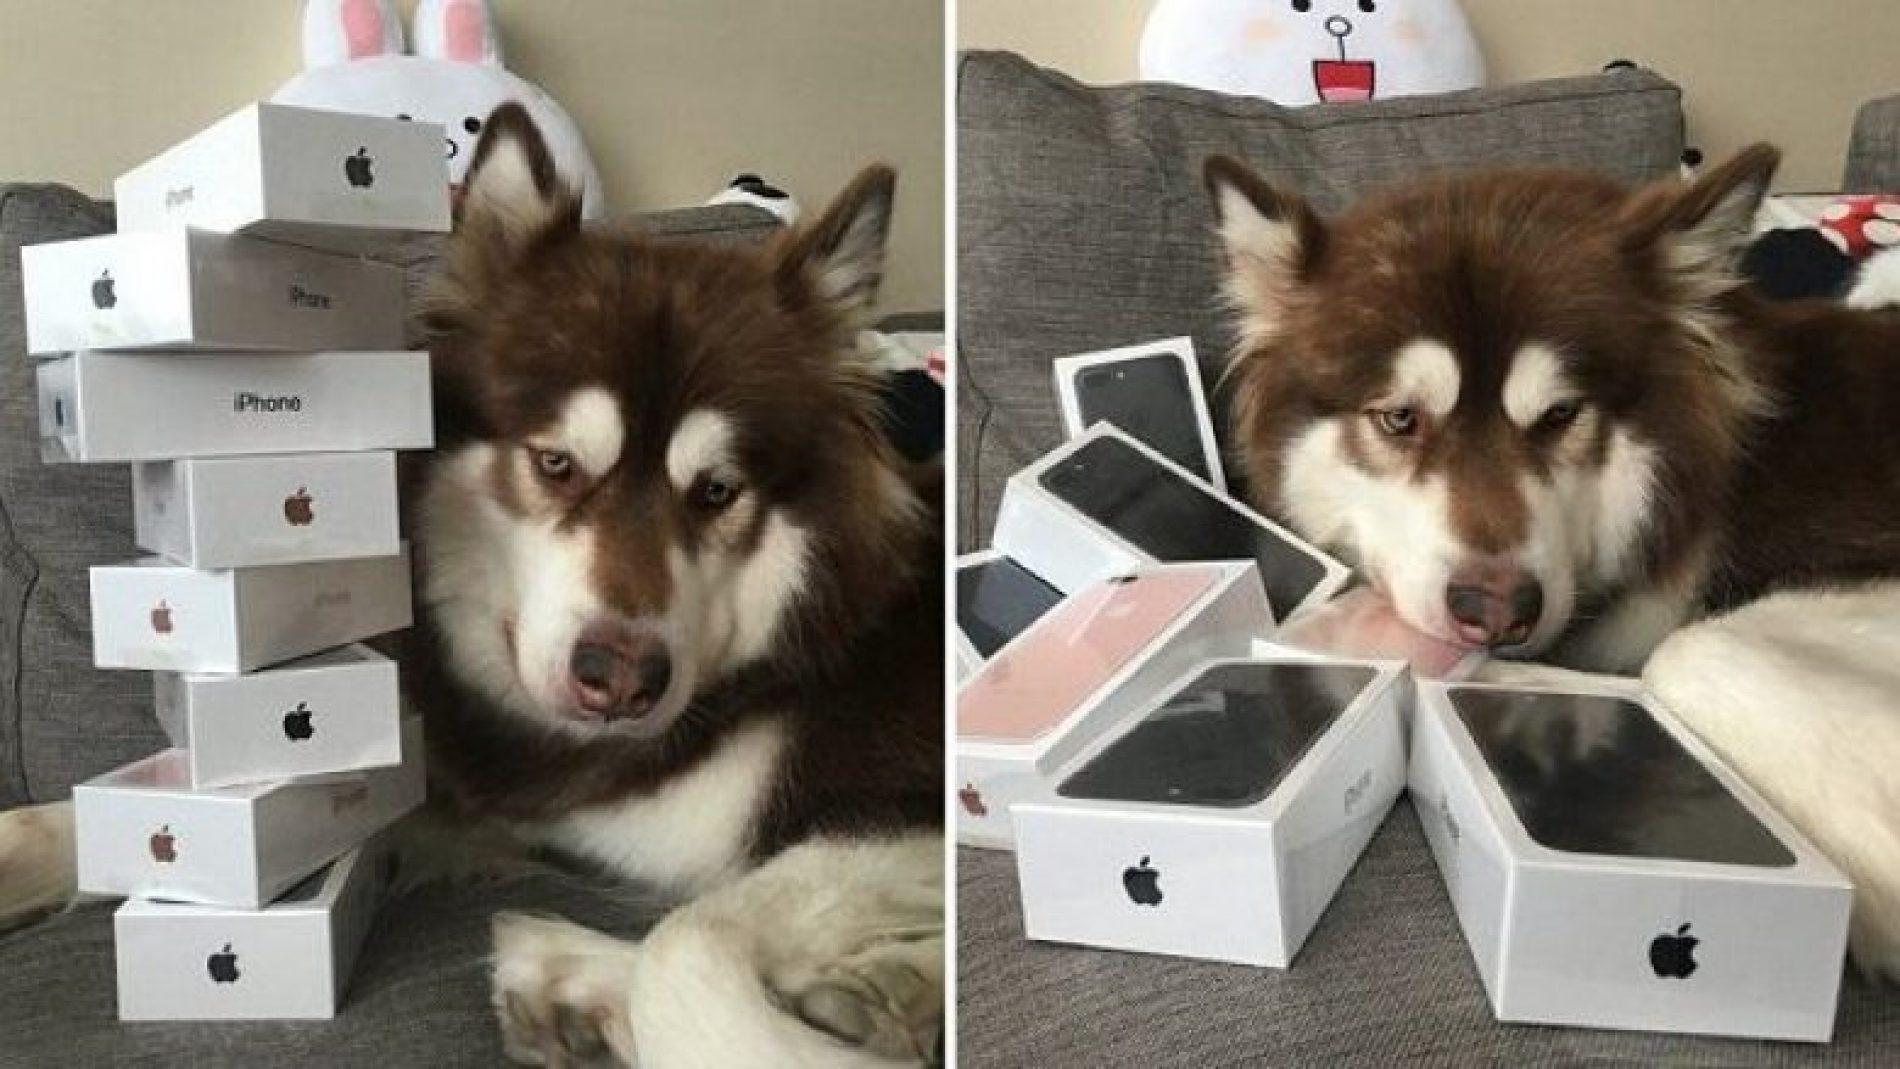 I blen qenit tetë iPhone 7s (Foto)